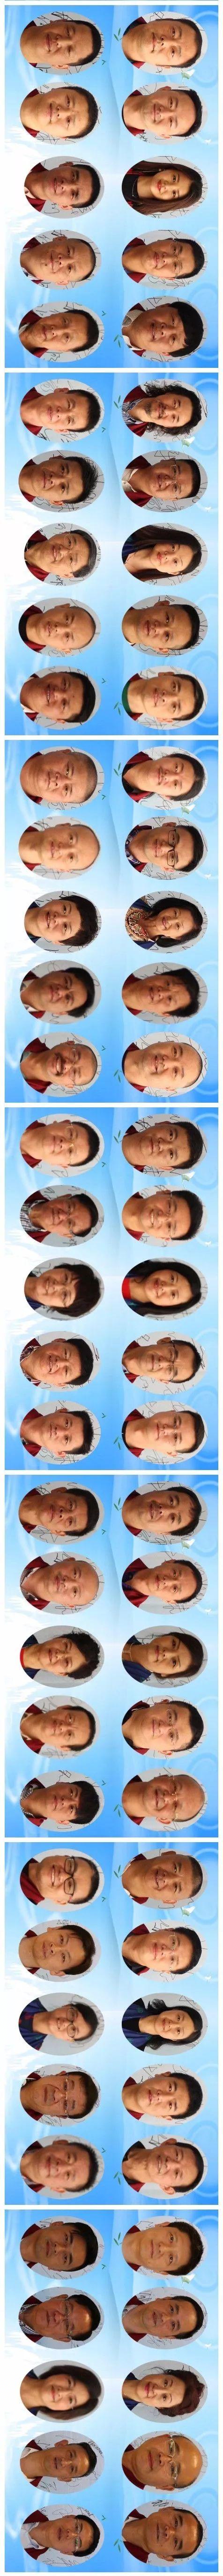 这些盛开在首届世界丽水大会上的笑脸,你认识吗?